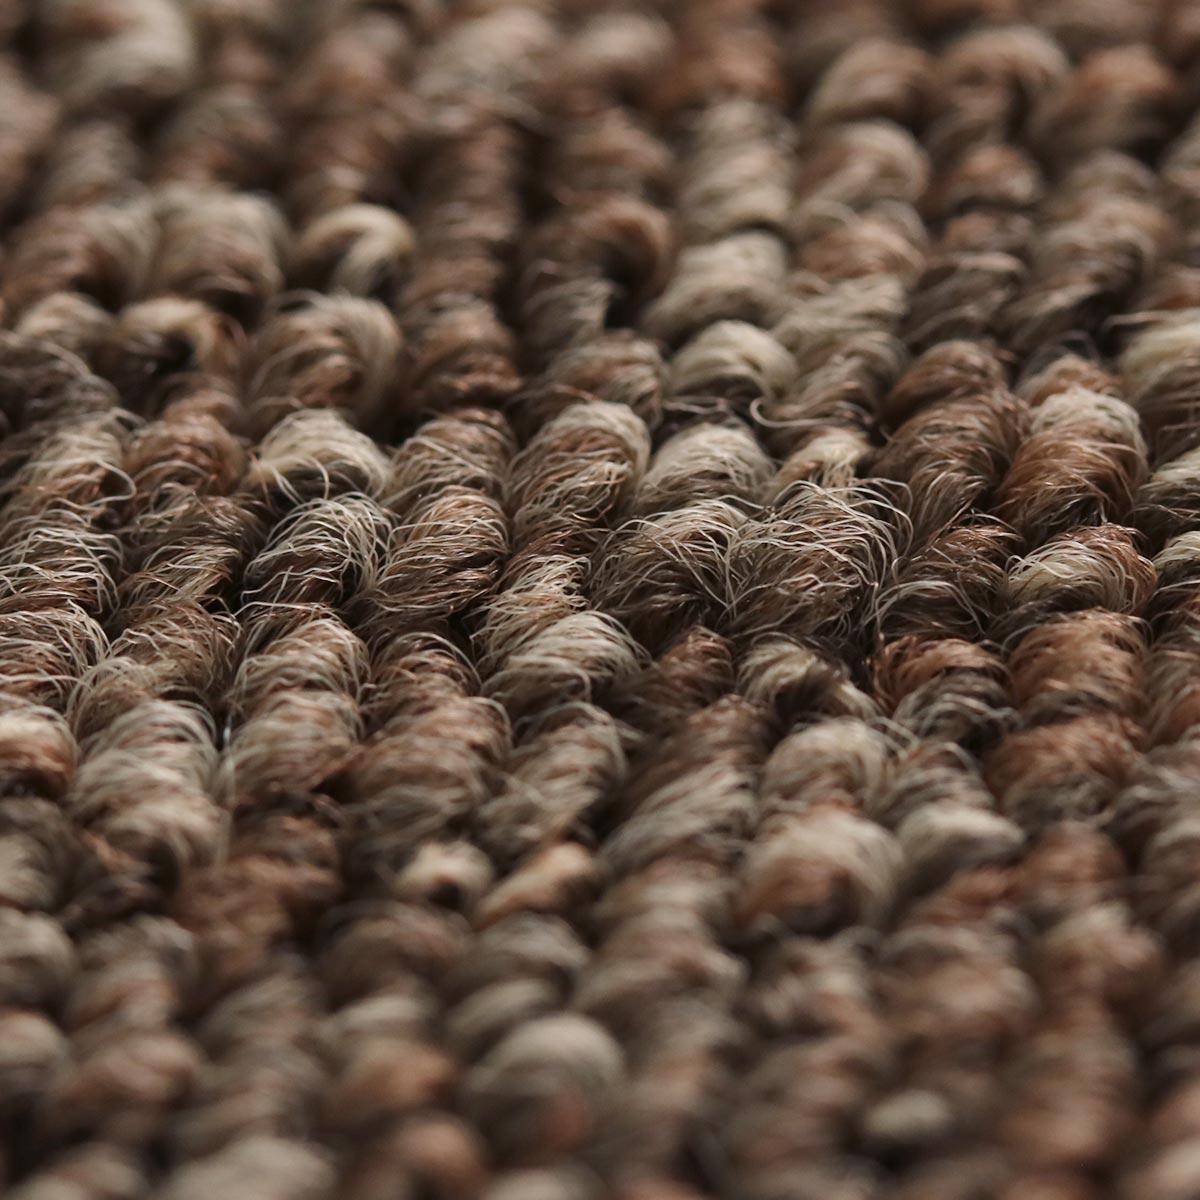 同系色の濃淡がある糸をミックスした落ち着いた雰囲気のカーペット